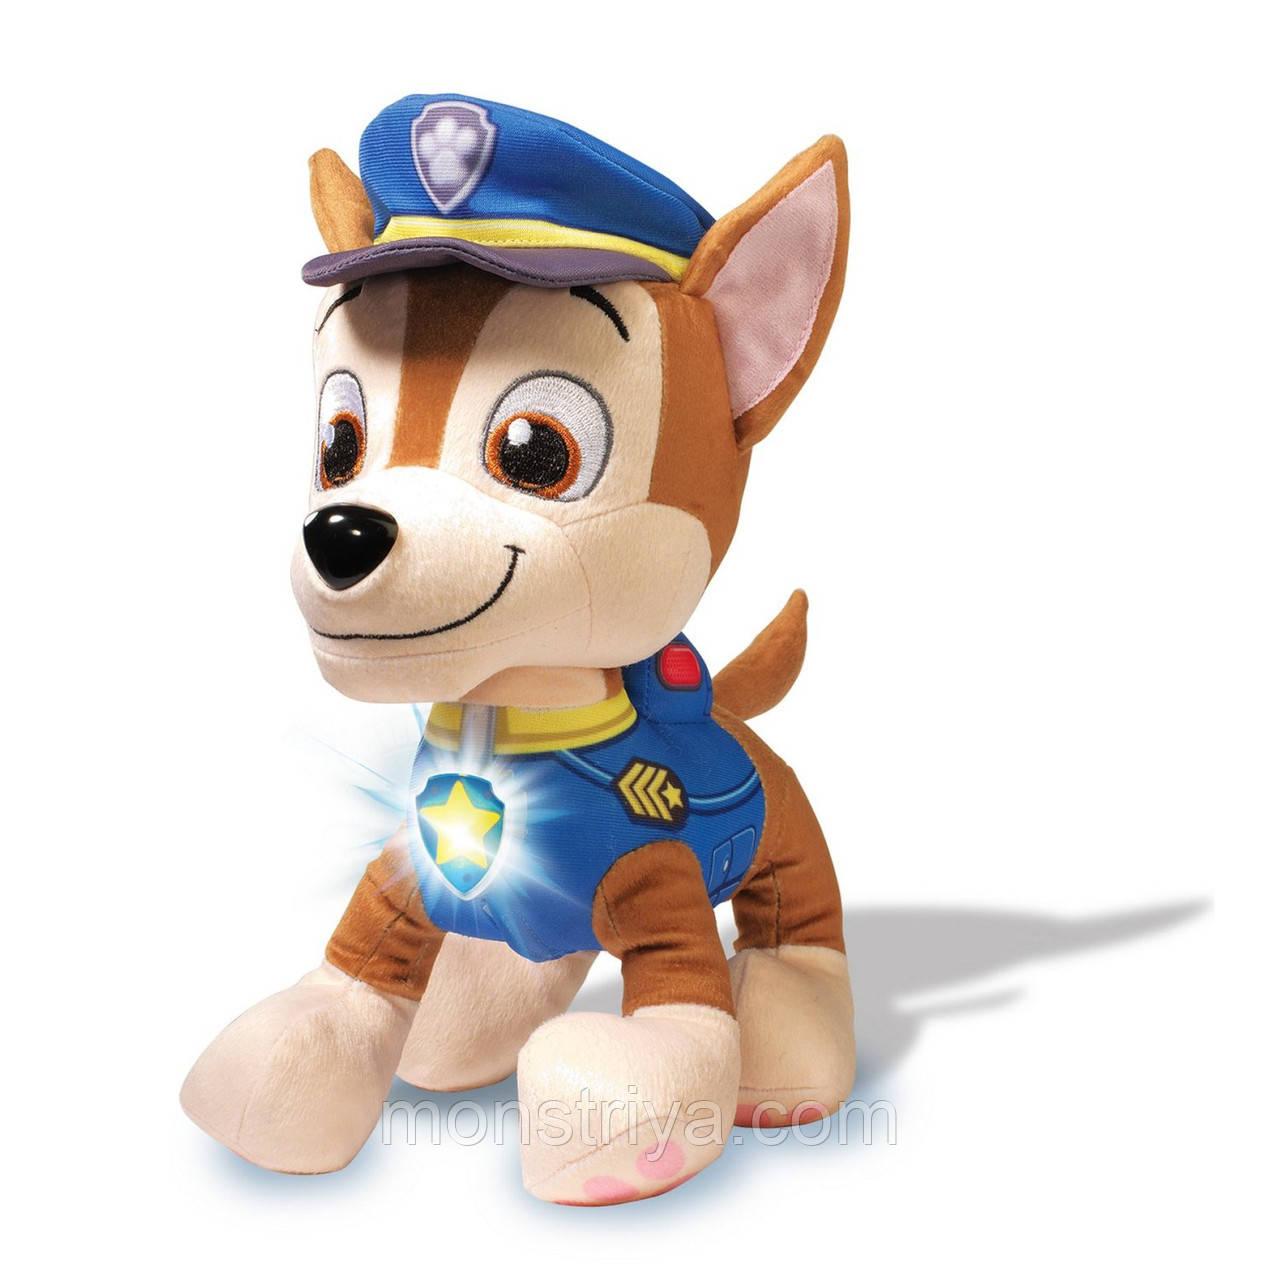 Игрушки Щенячий патруль (Paw Patrol) Чейз говорящий